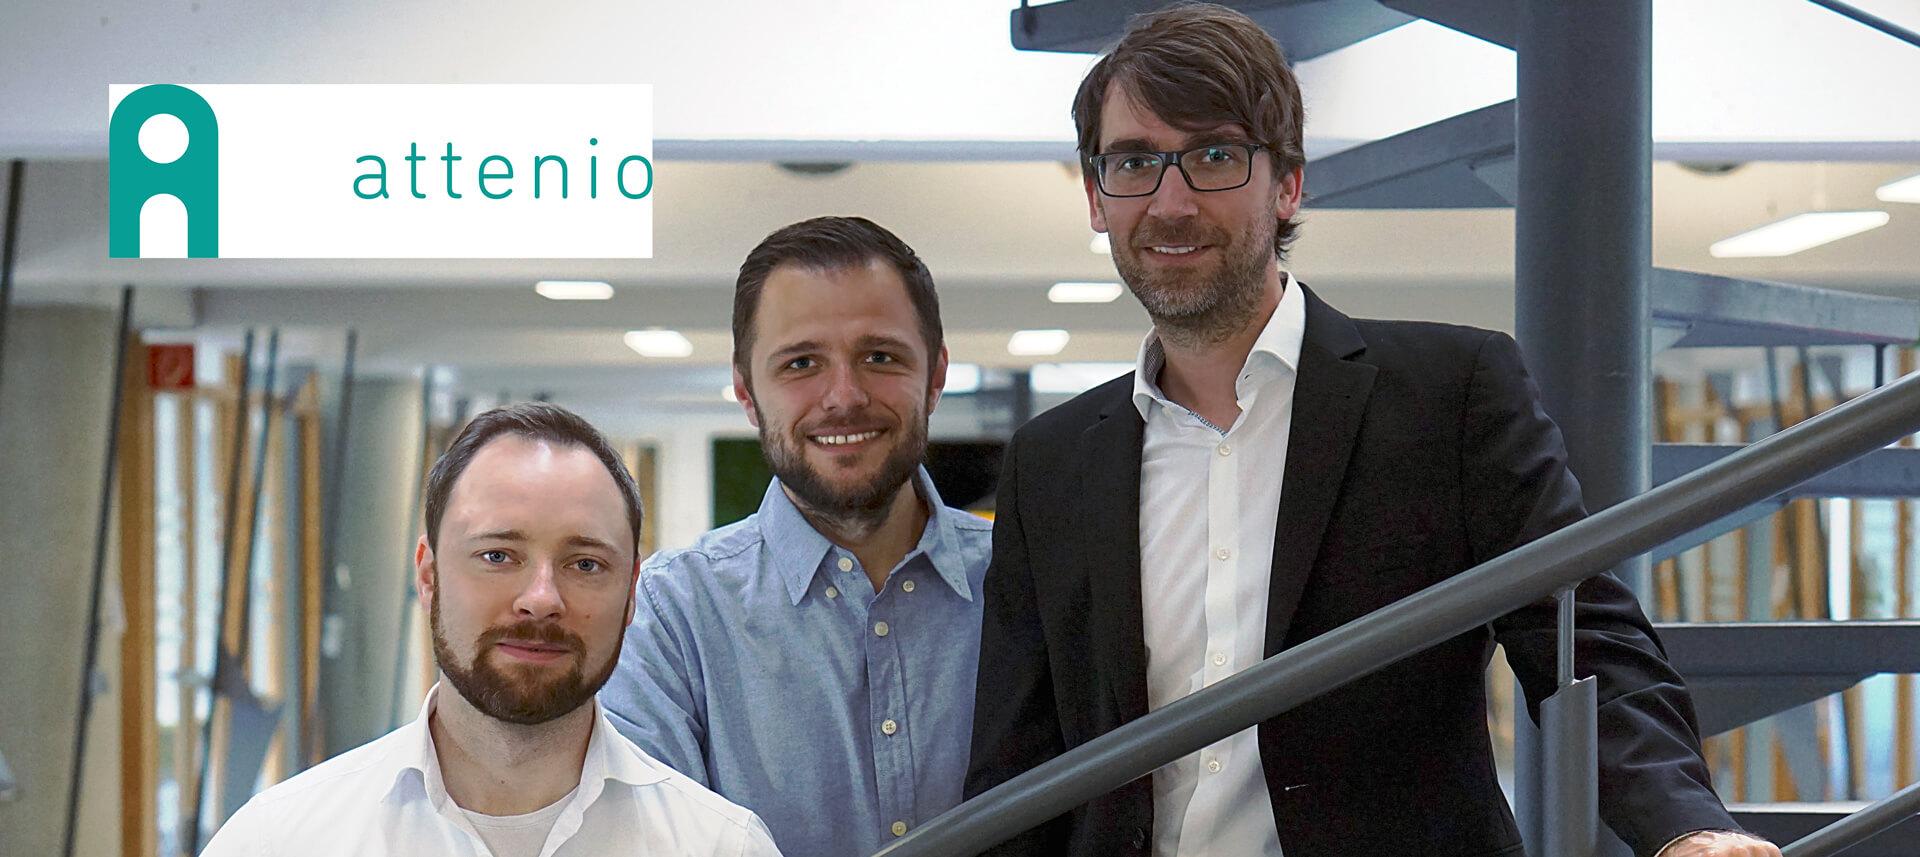 Team attenio - HTGF Start-up Investment